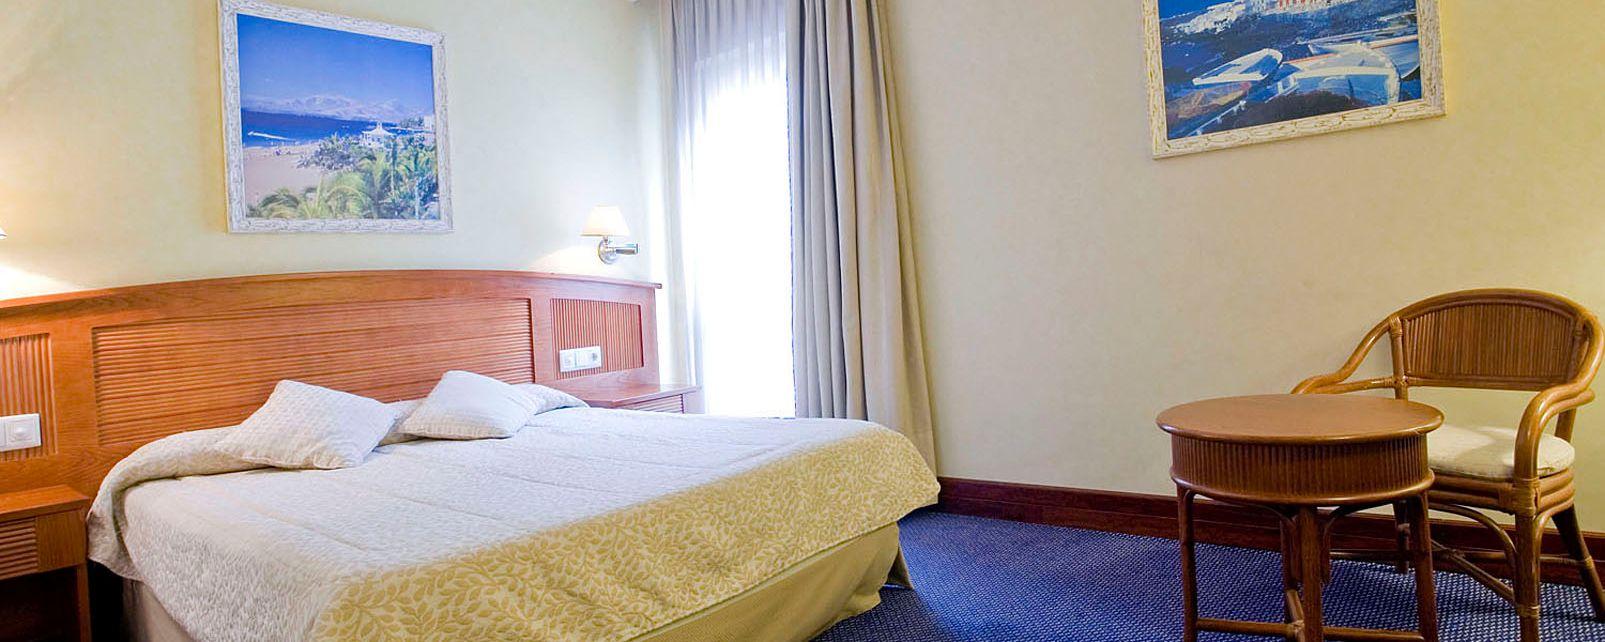 Hotel Sieteislas